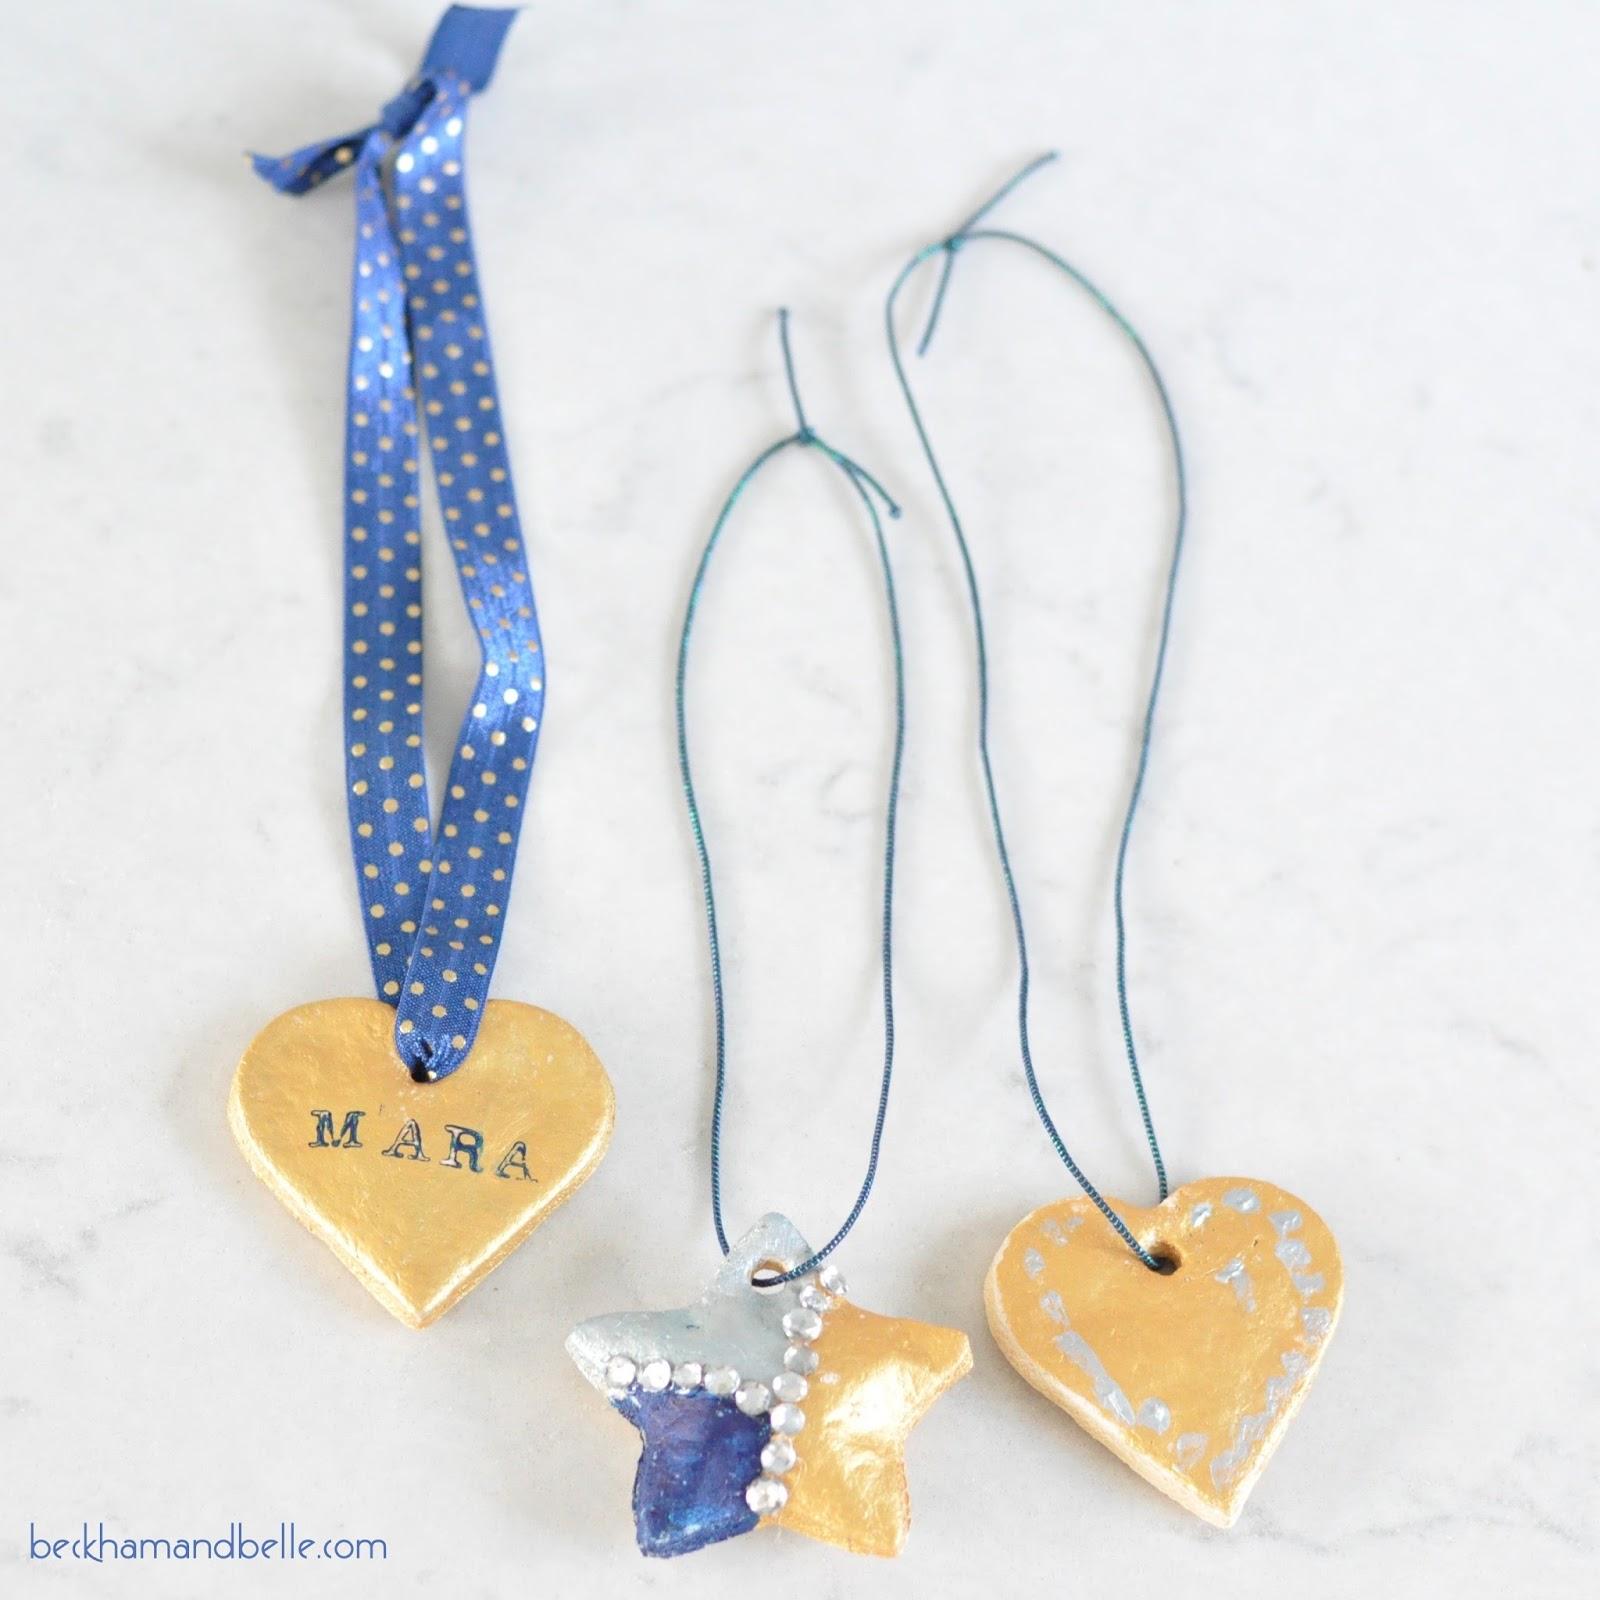 DIY Salt Dough Pendant Necklaces for Kids